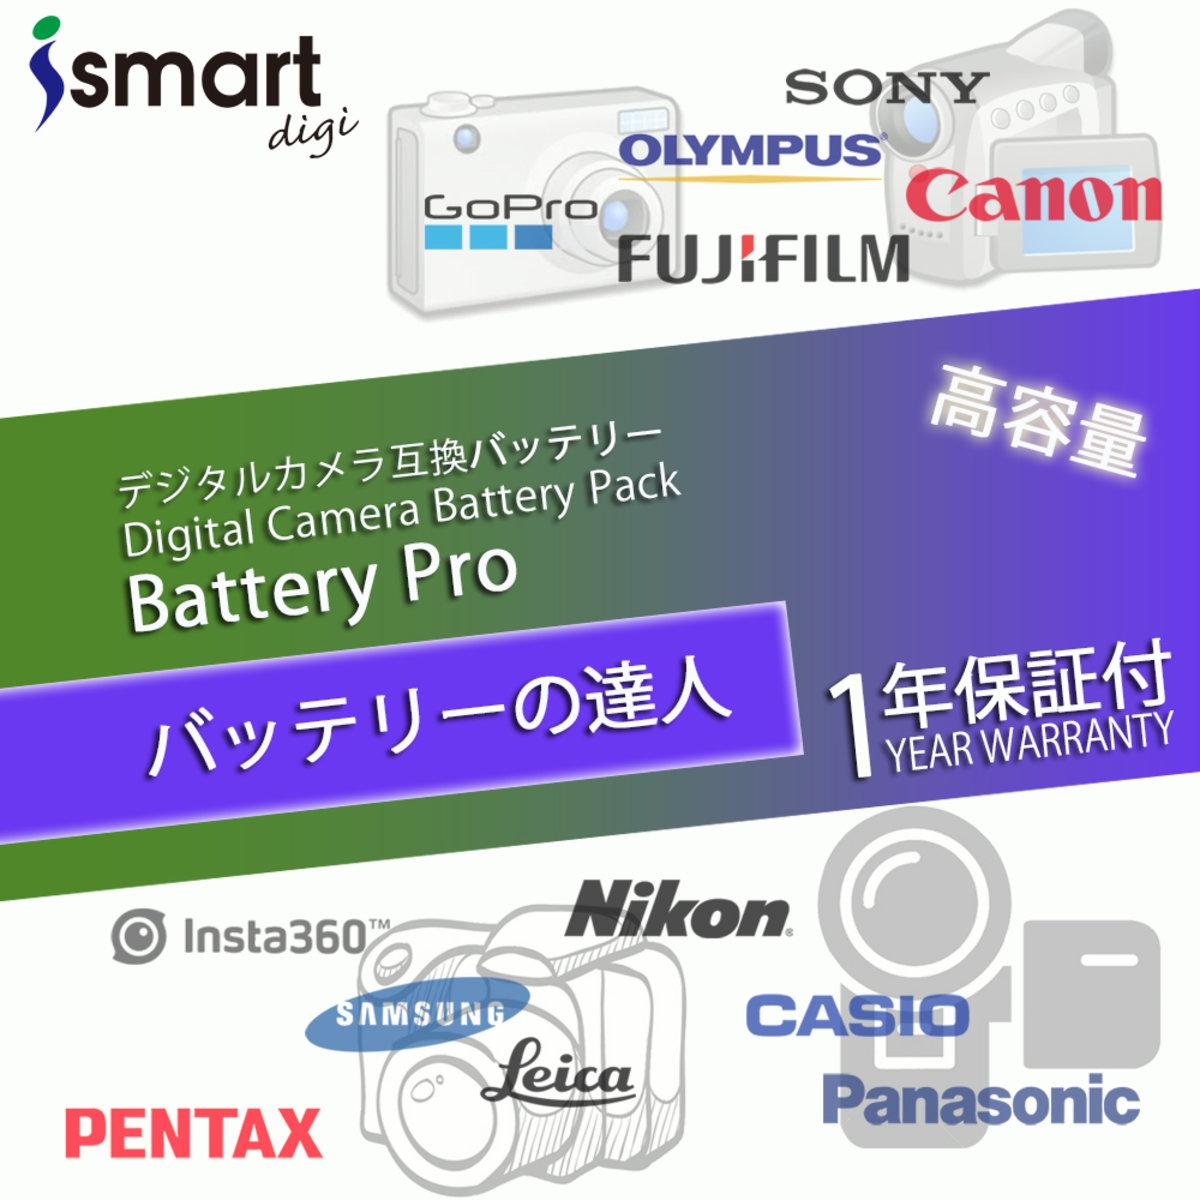 佳能數碼相機電池(適合: IXUS 1100 HS,ELPH 520 HS (IXUS 500 HS),PowerShot N, IXUS 510 HS,N2)